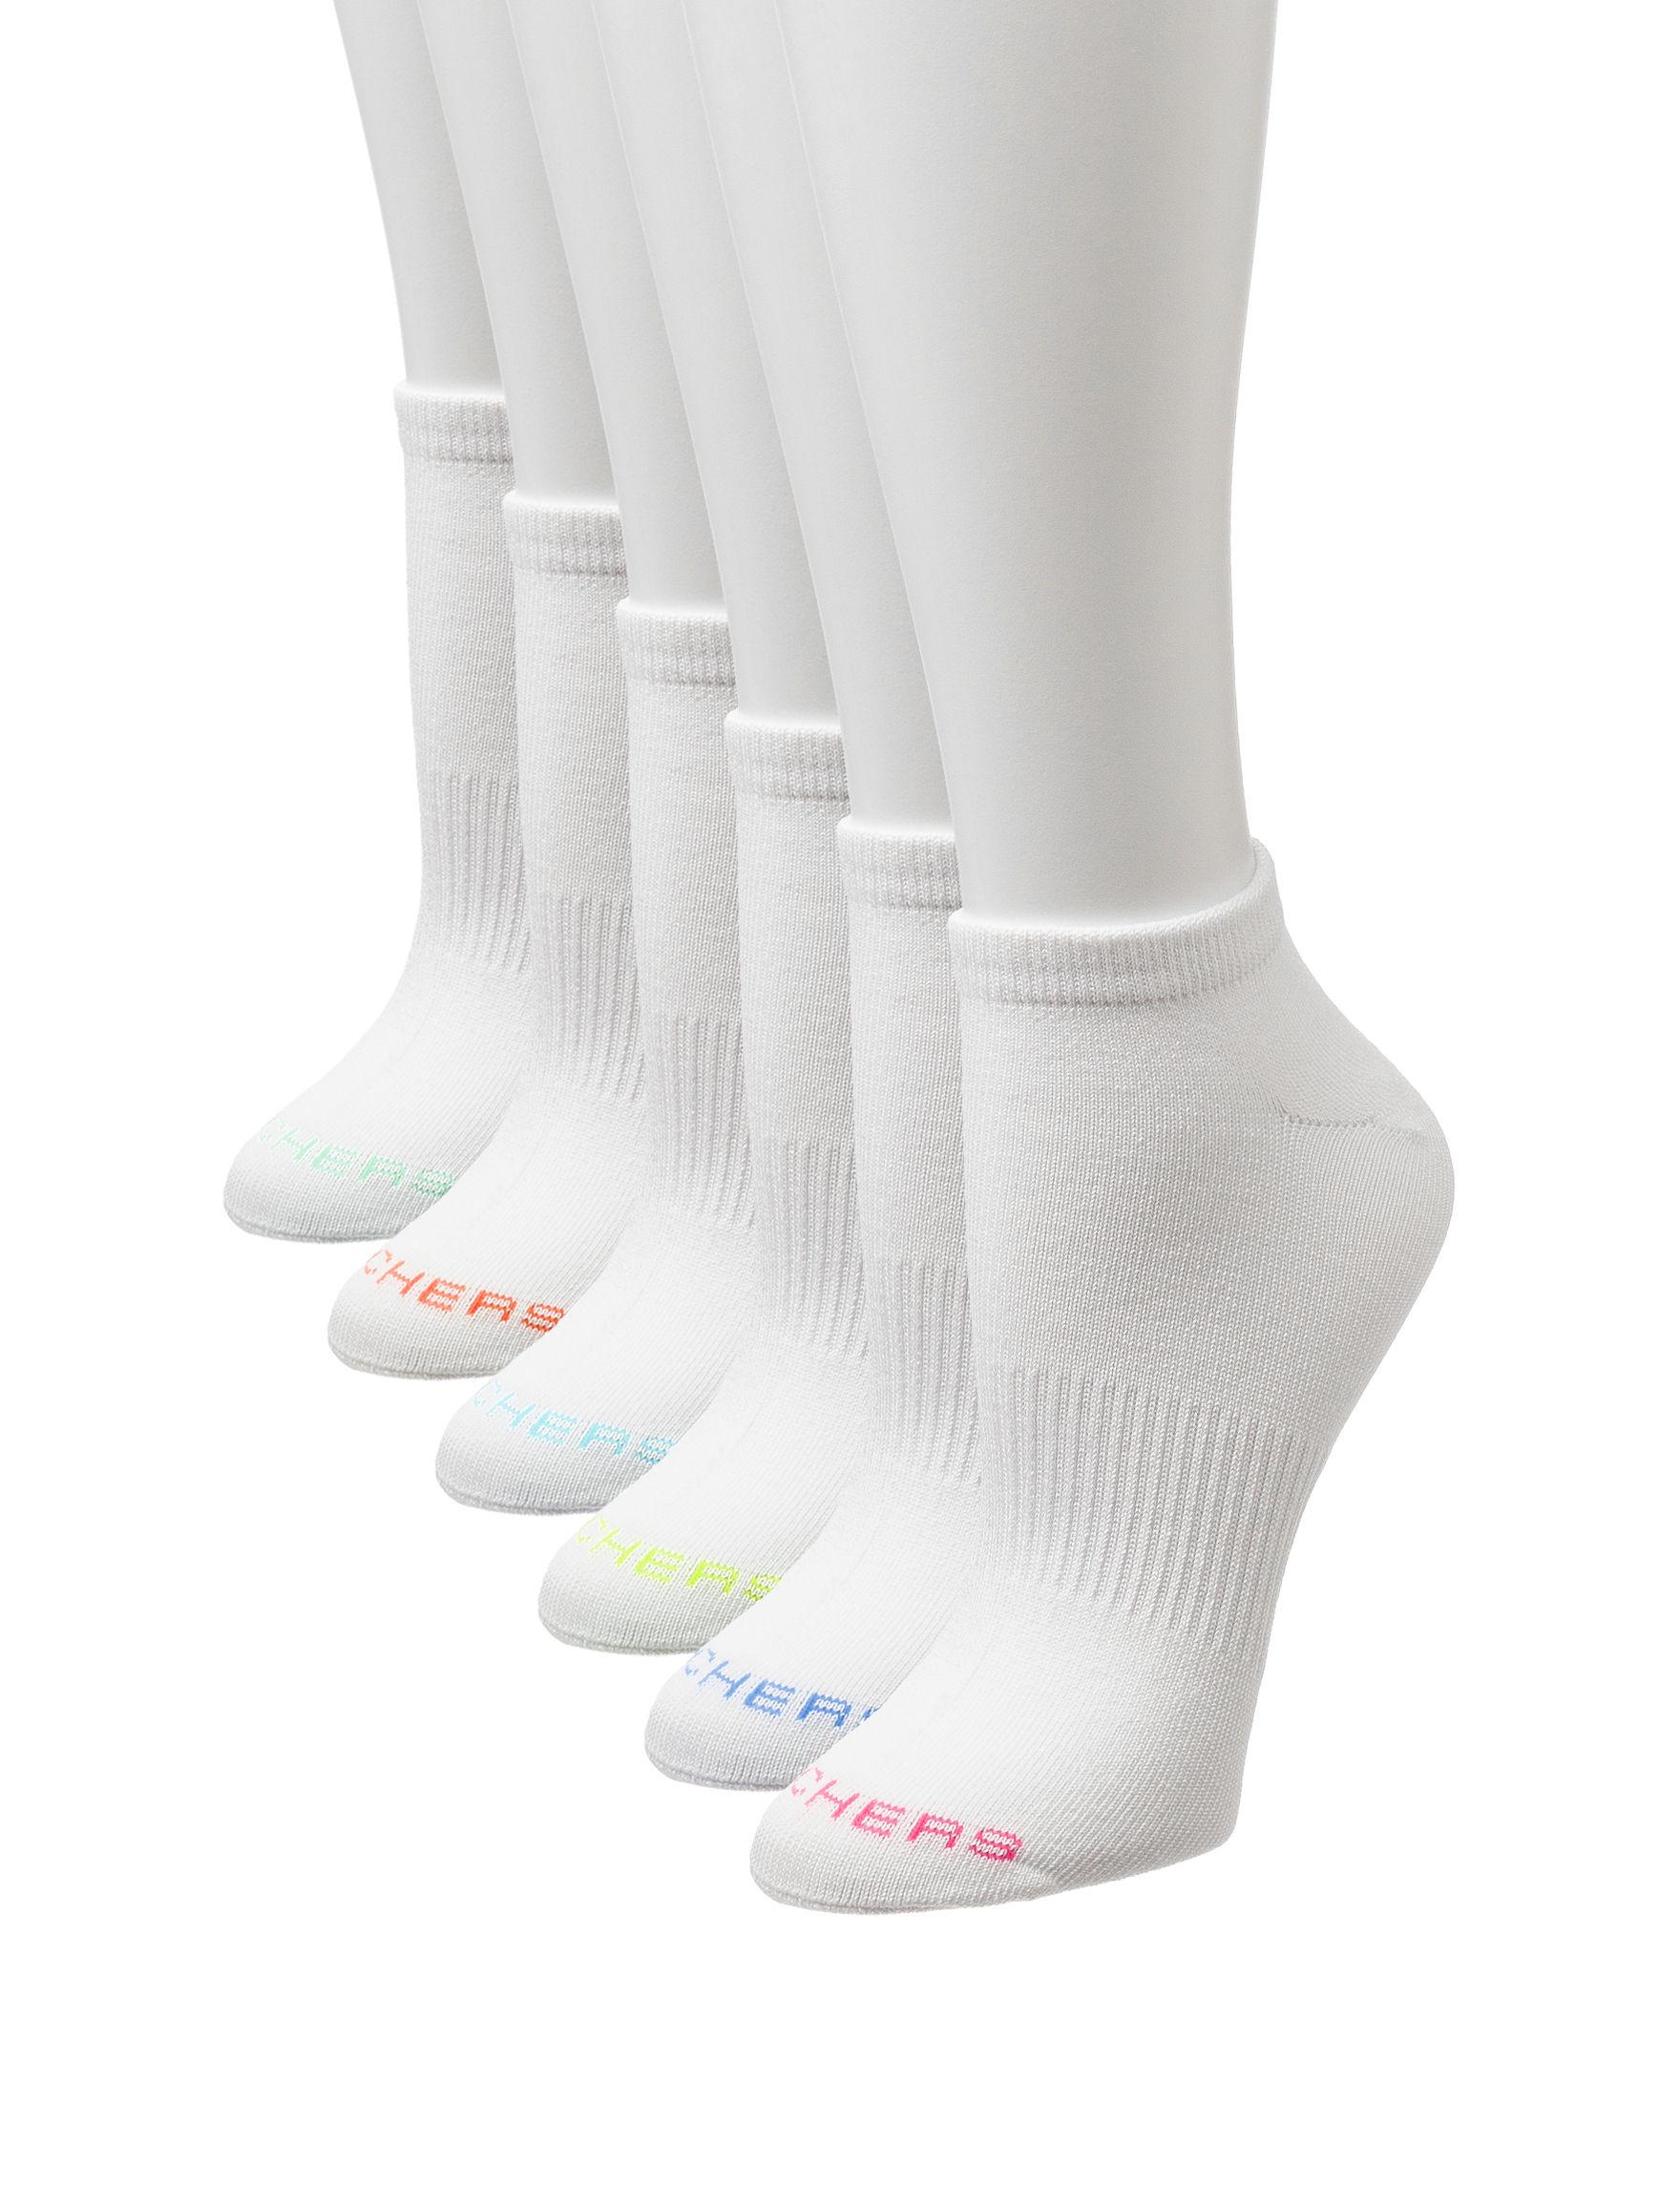 Skechers White Socks